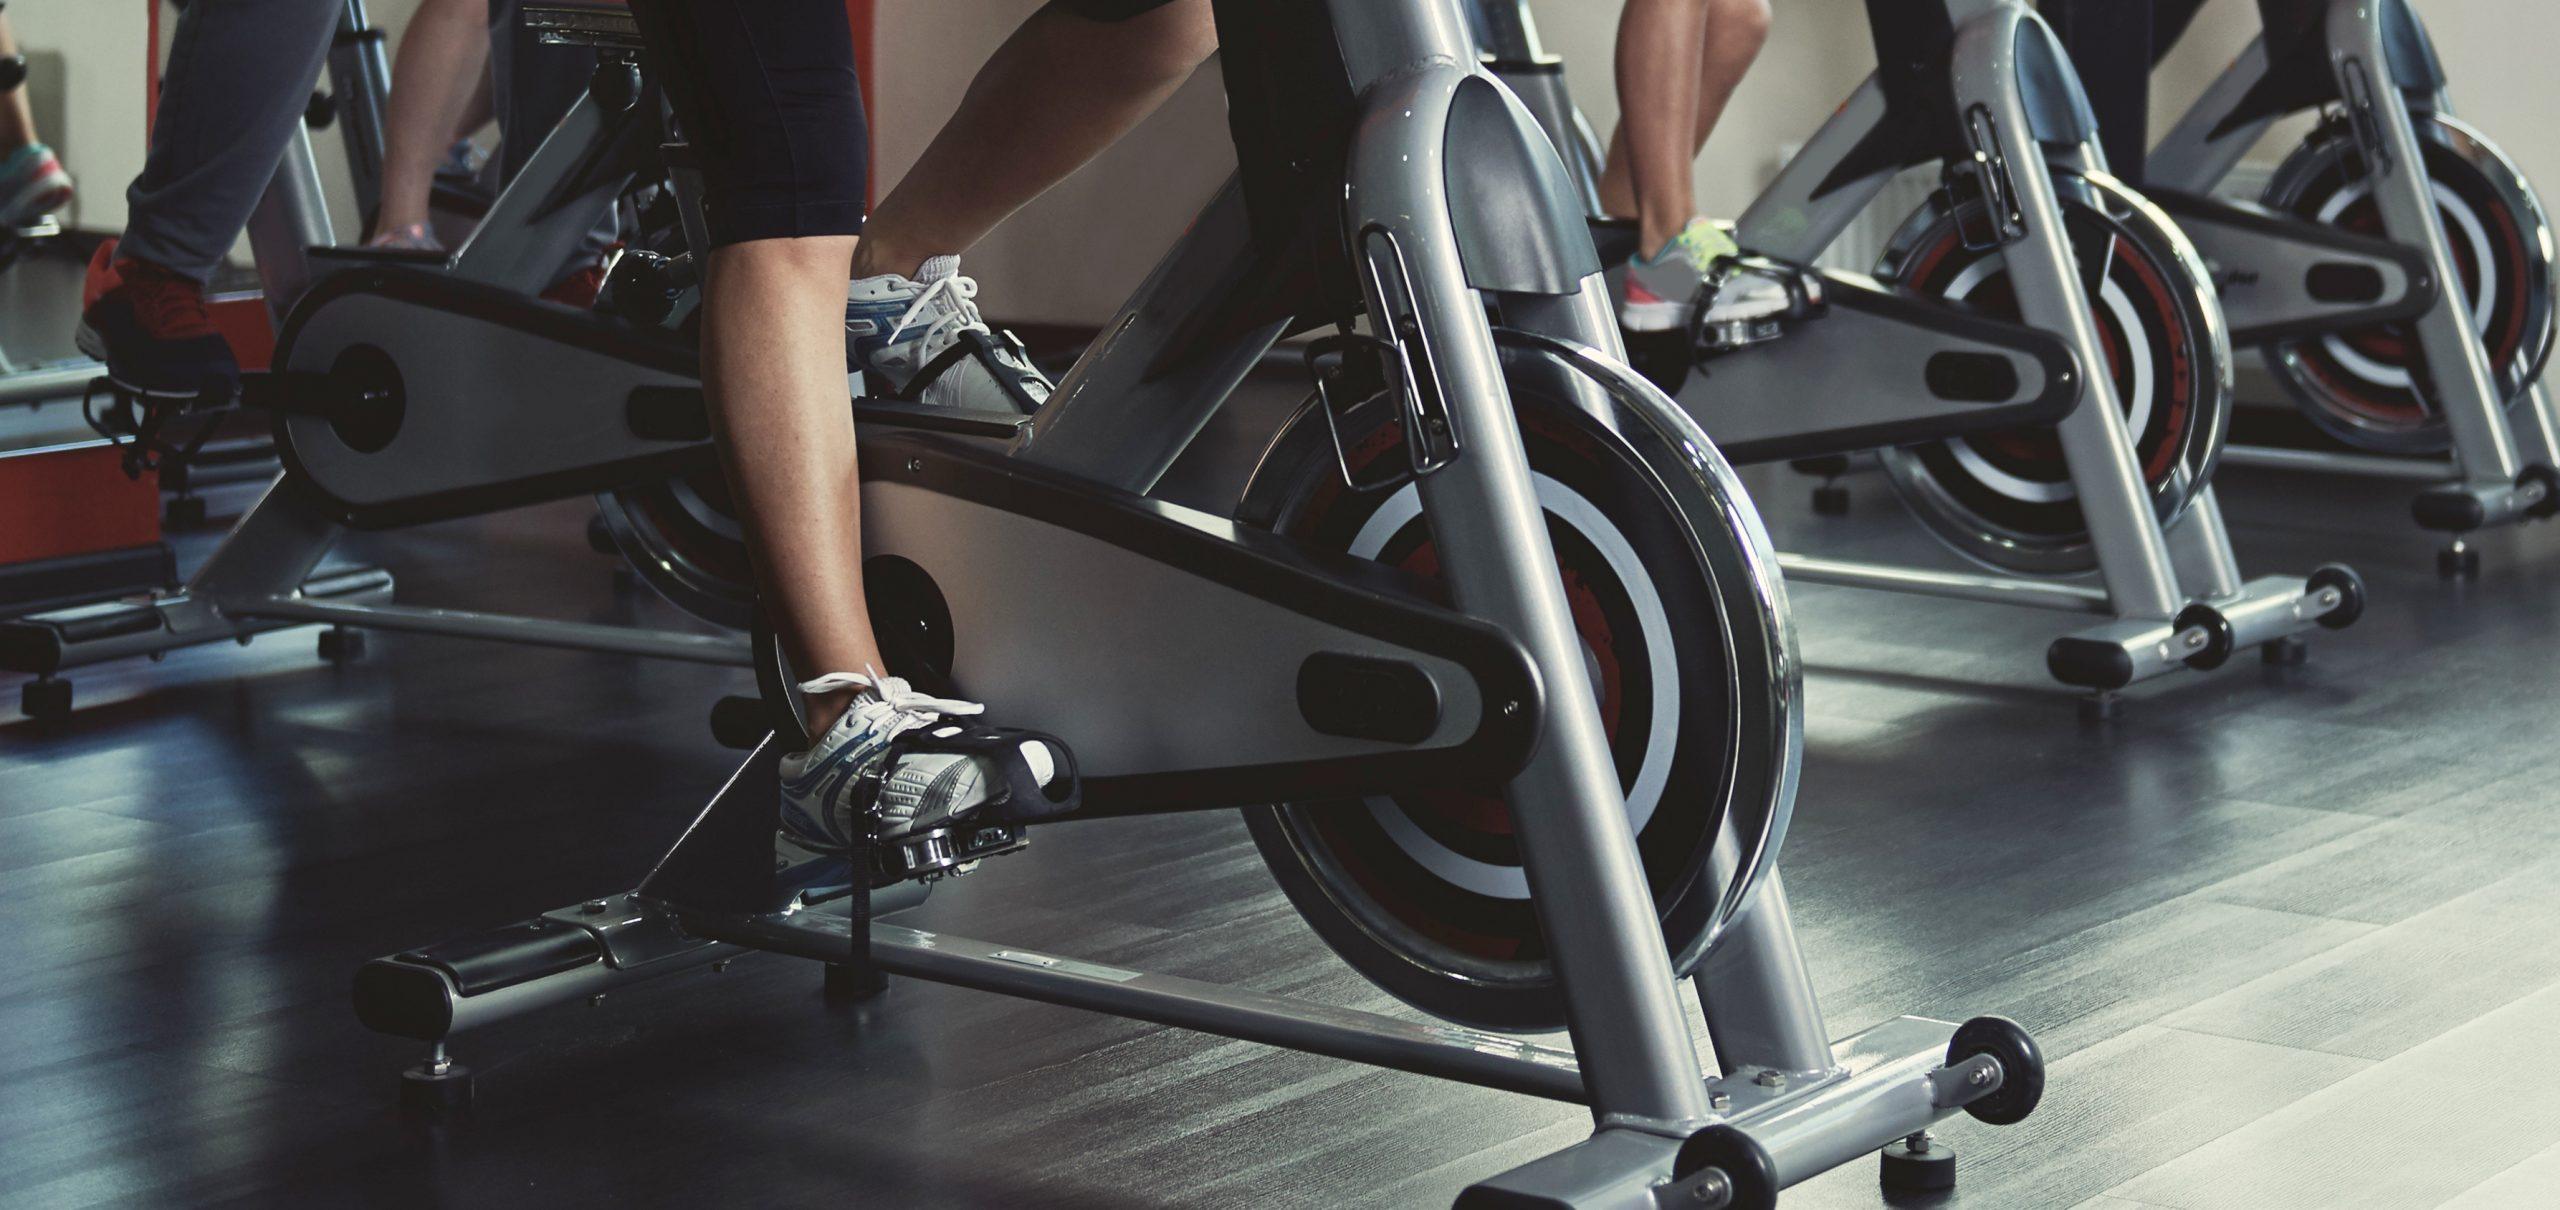 Miglior bici da spinning 2021: Guida all'acquisto